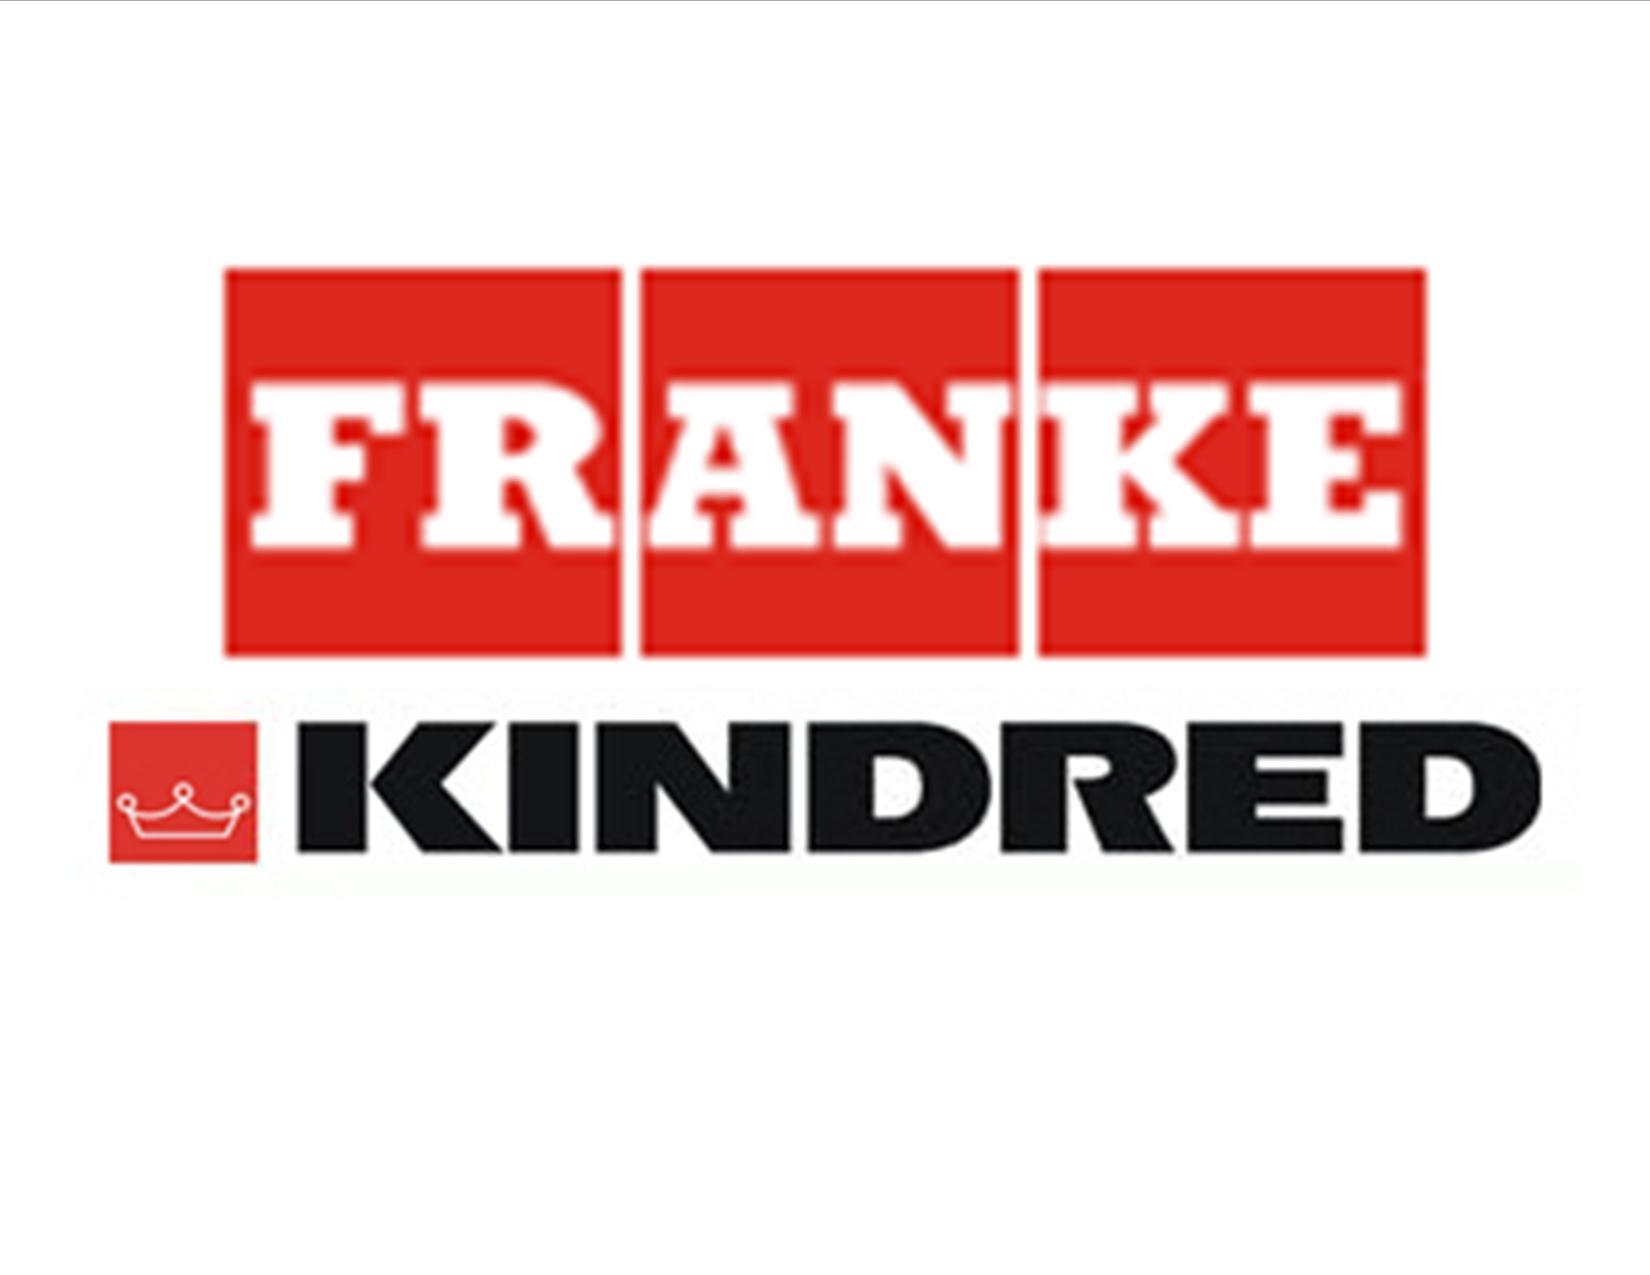 frankekindred